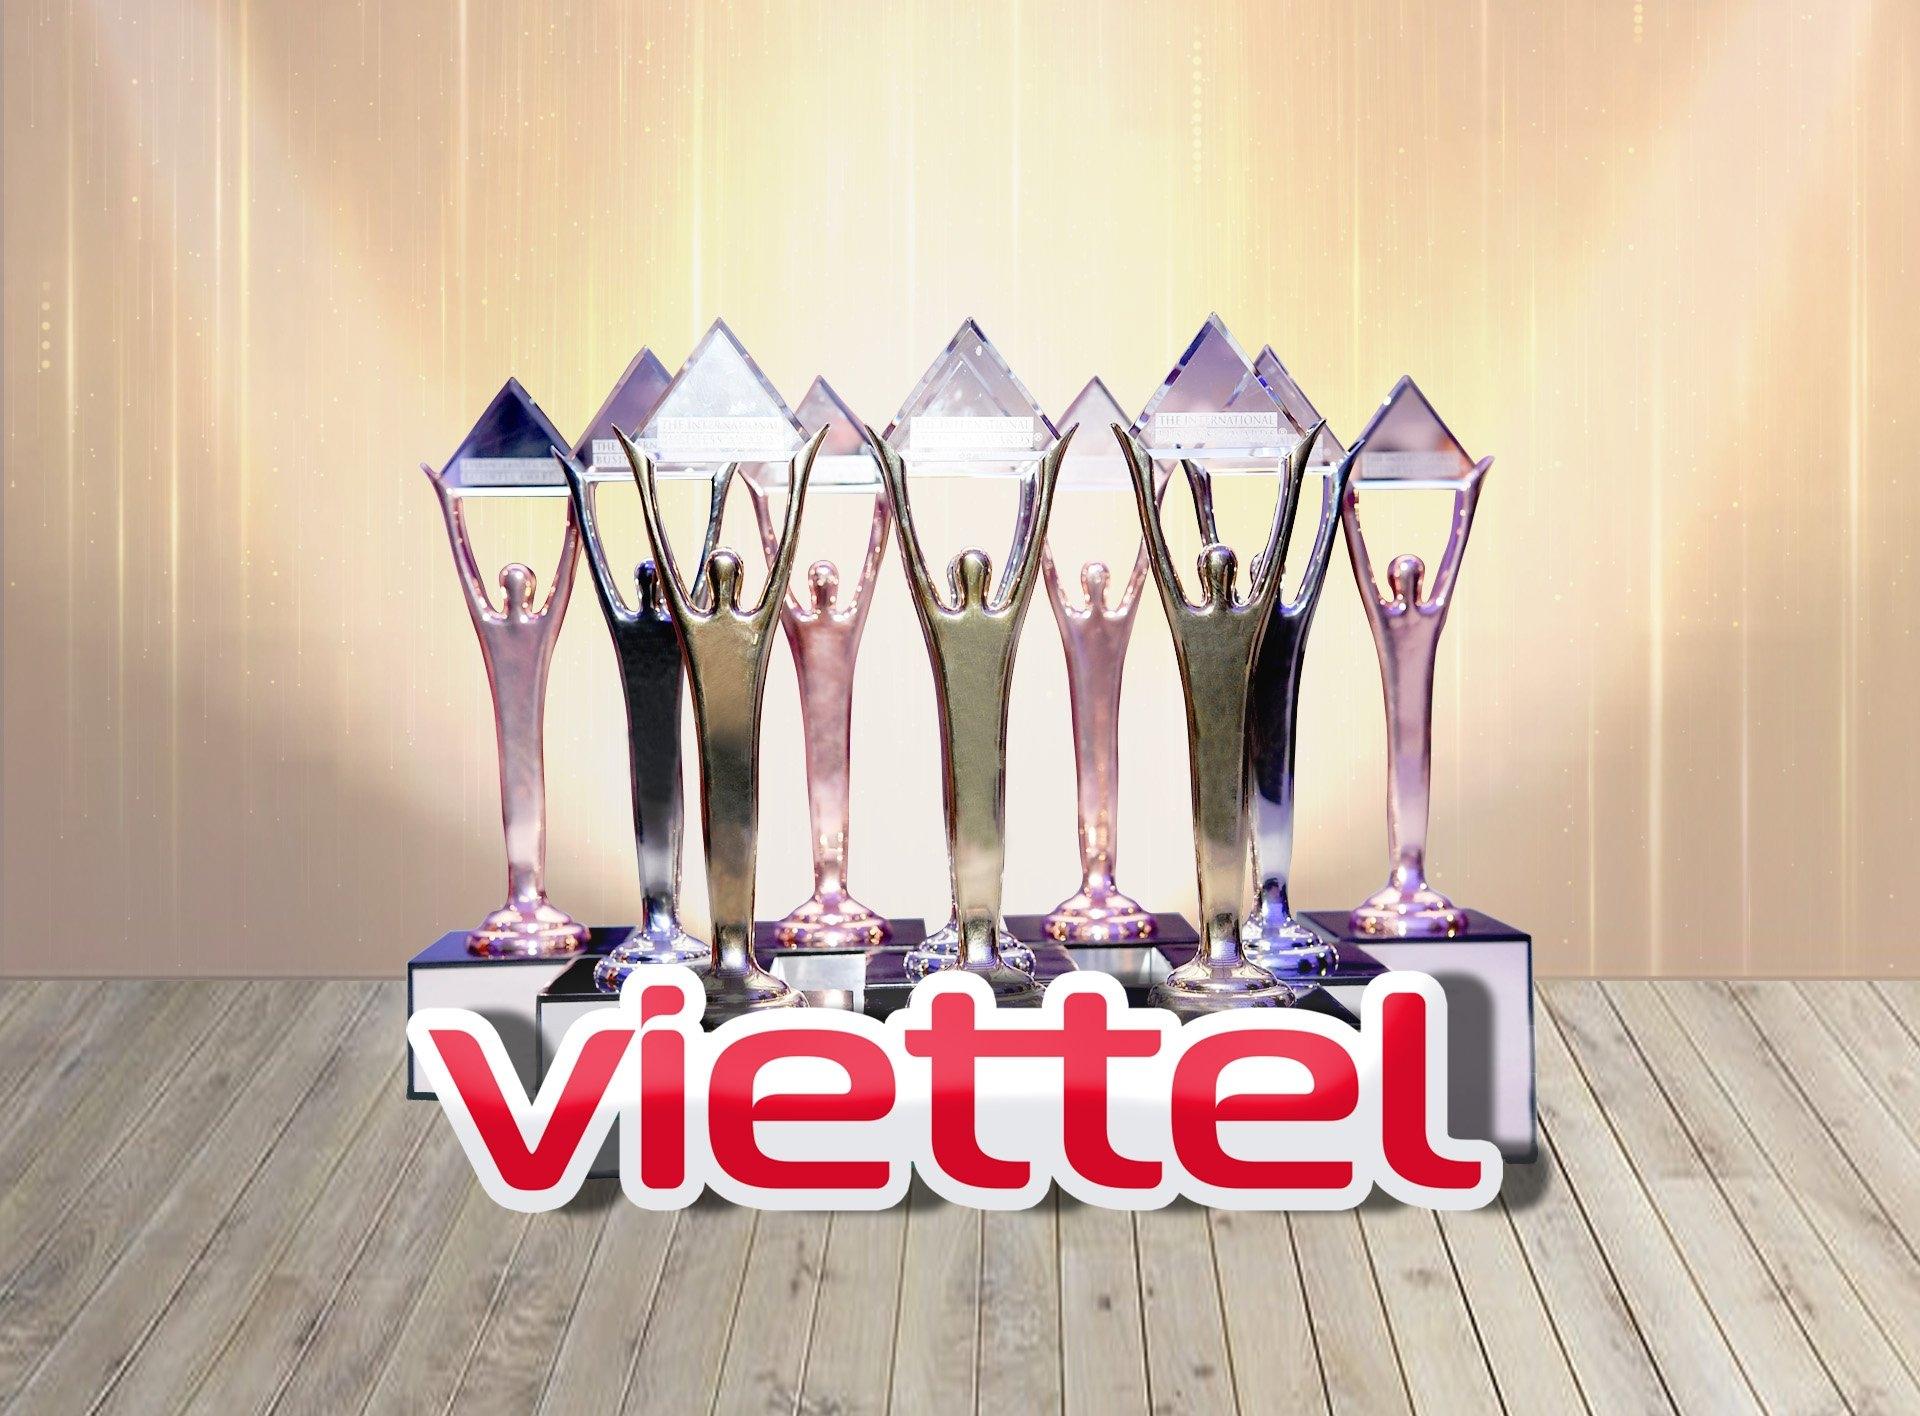 Sản phẩm chuyển đổi số giúp Viettel có năm thành công nhất từ trước tới nay tại Giải thưởng Kinh doanh Quốc tế 2021